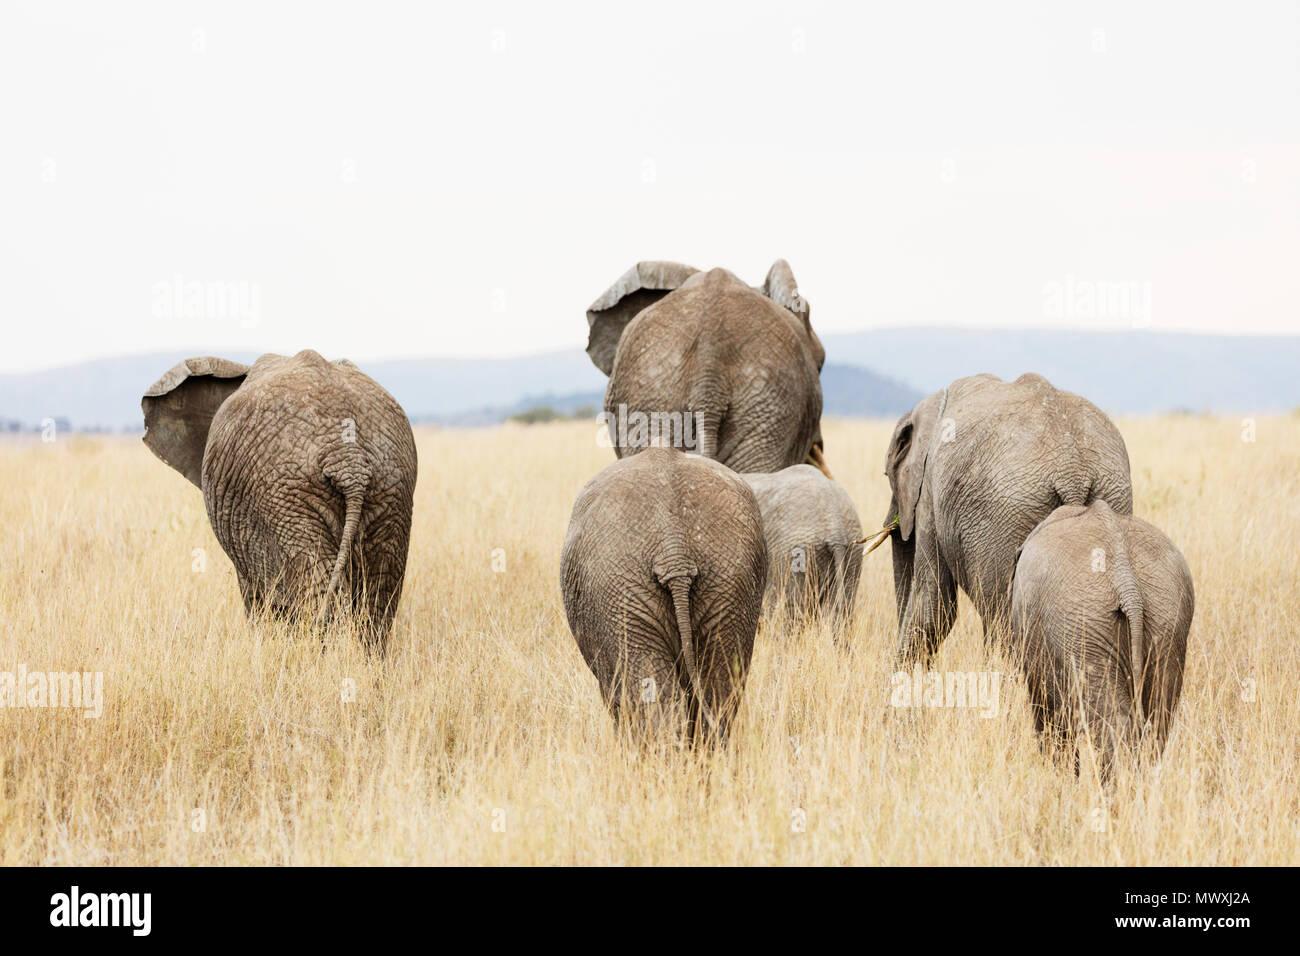 Famiglia di elefante africano (Loxodonta africana), il Parco Nazionale del Serengeti, Sito Patrimonio Mondiale dell'UNESCO, Tanzania, Africa orientale, Africa Immagini Stock